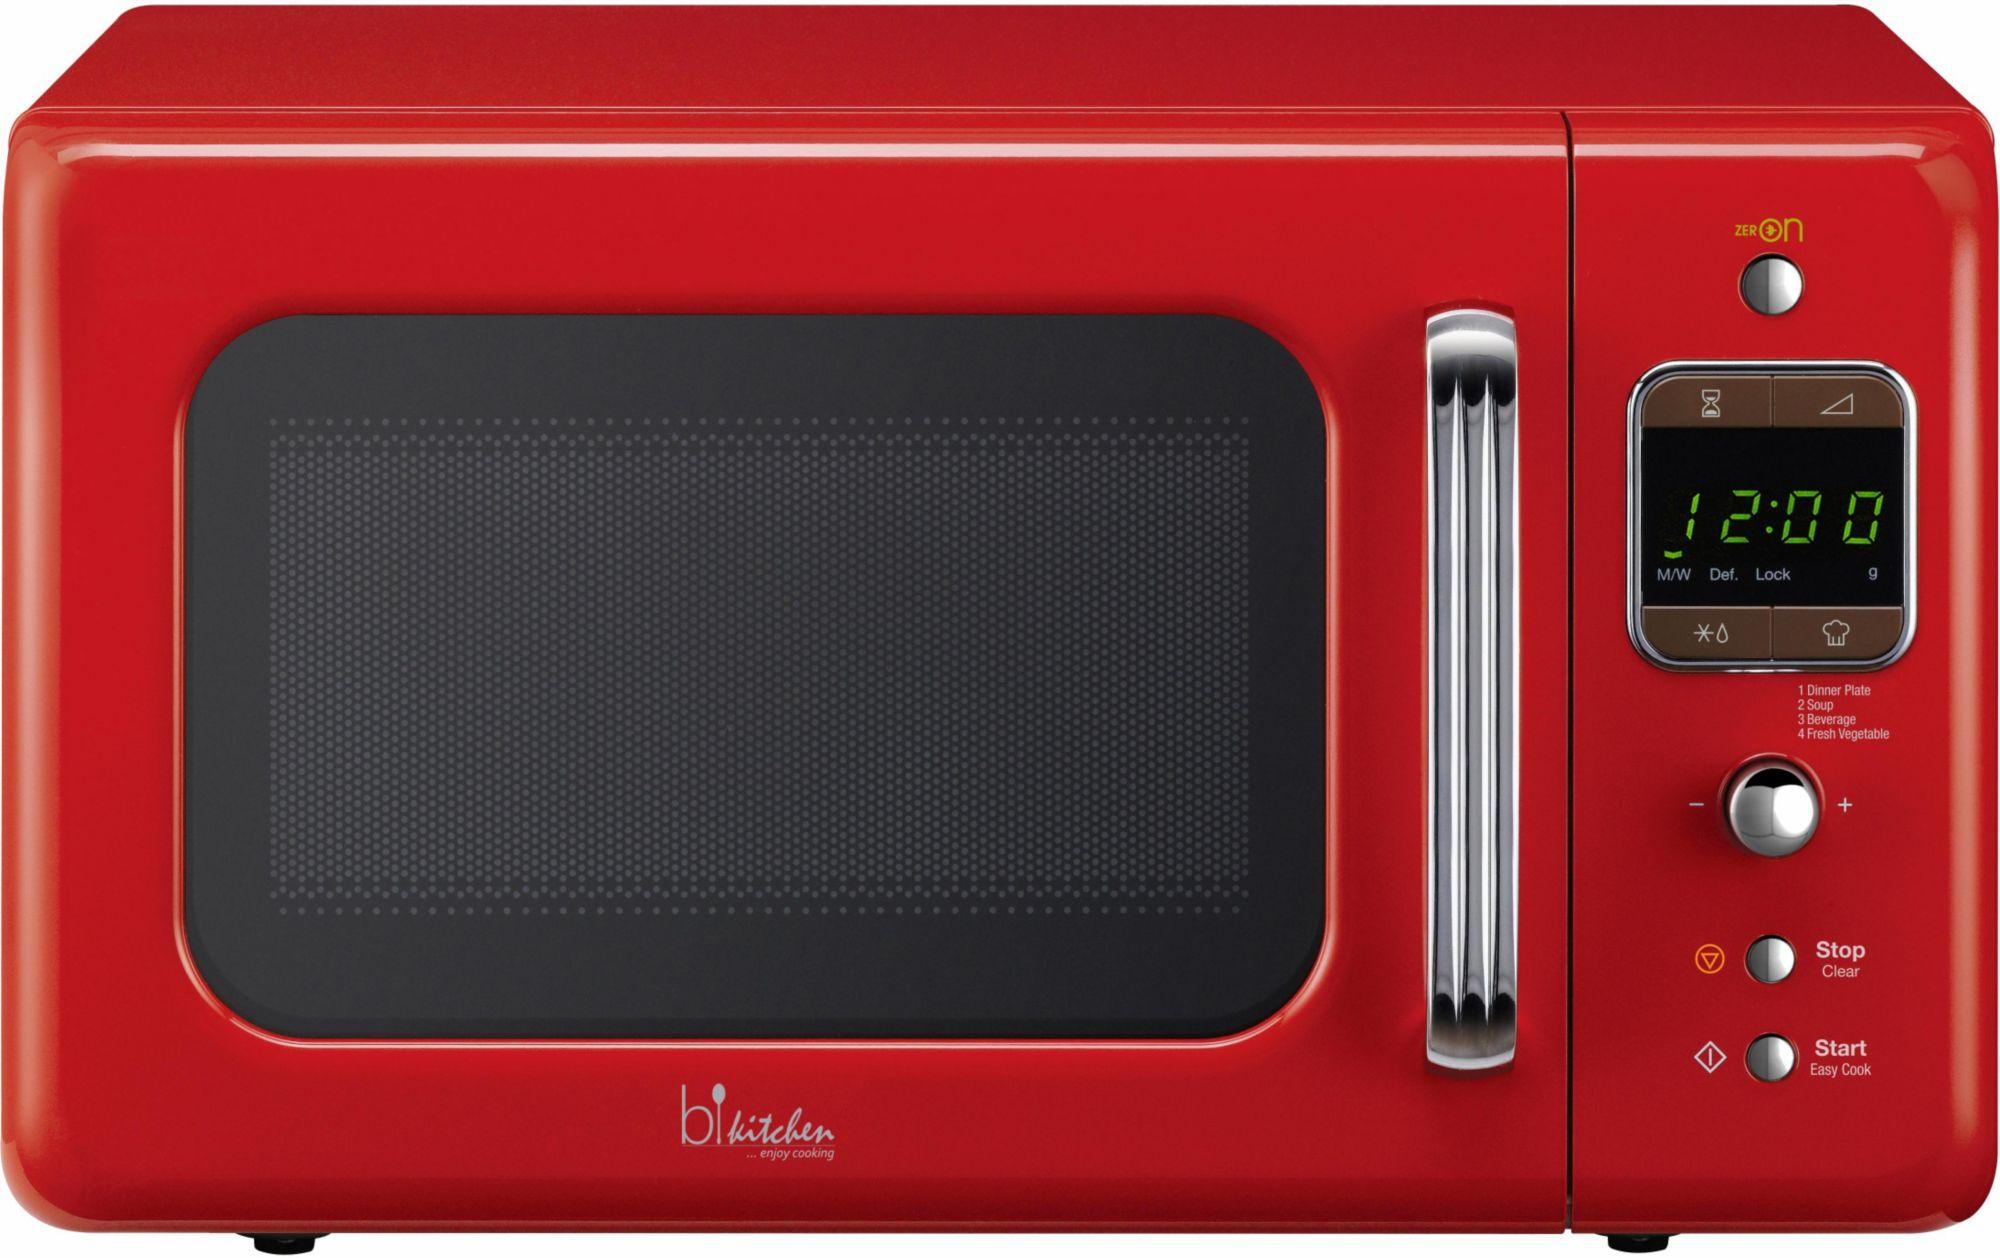 BKITCHEN bkitchen Design Mikrowelle Cook 800, 20 Liter Garraum, 800 Watt, rot